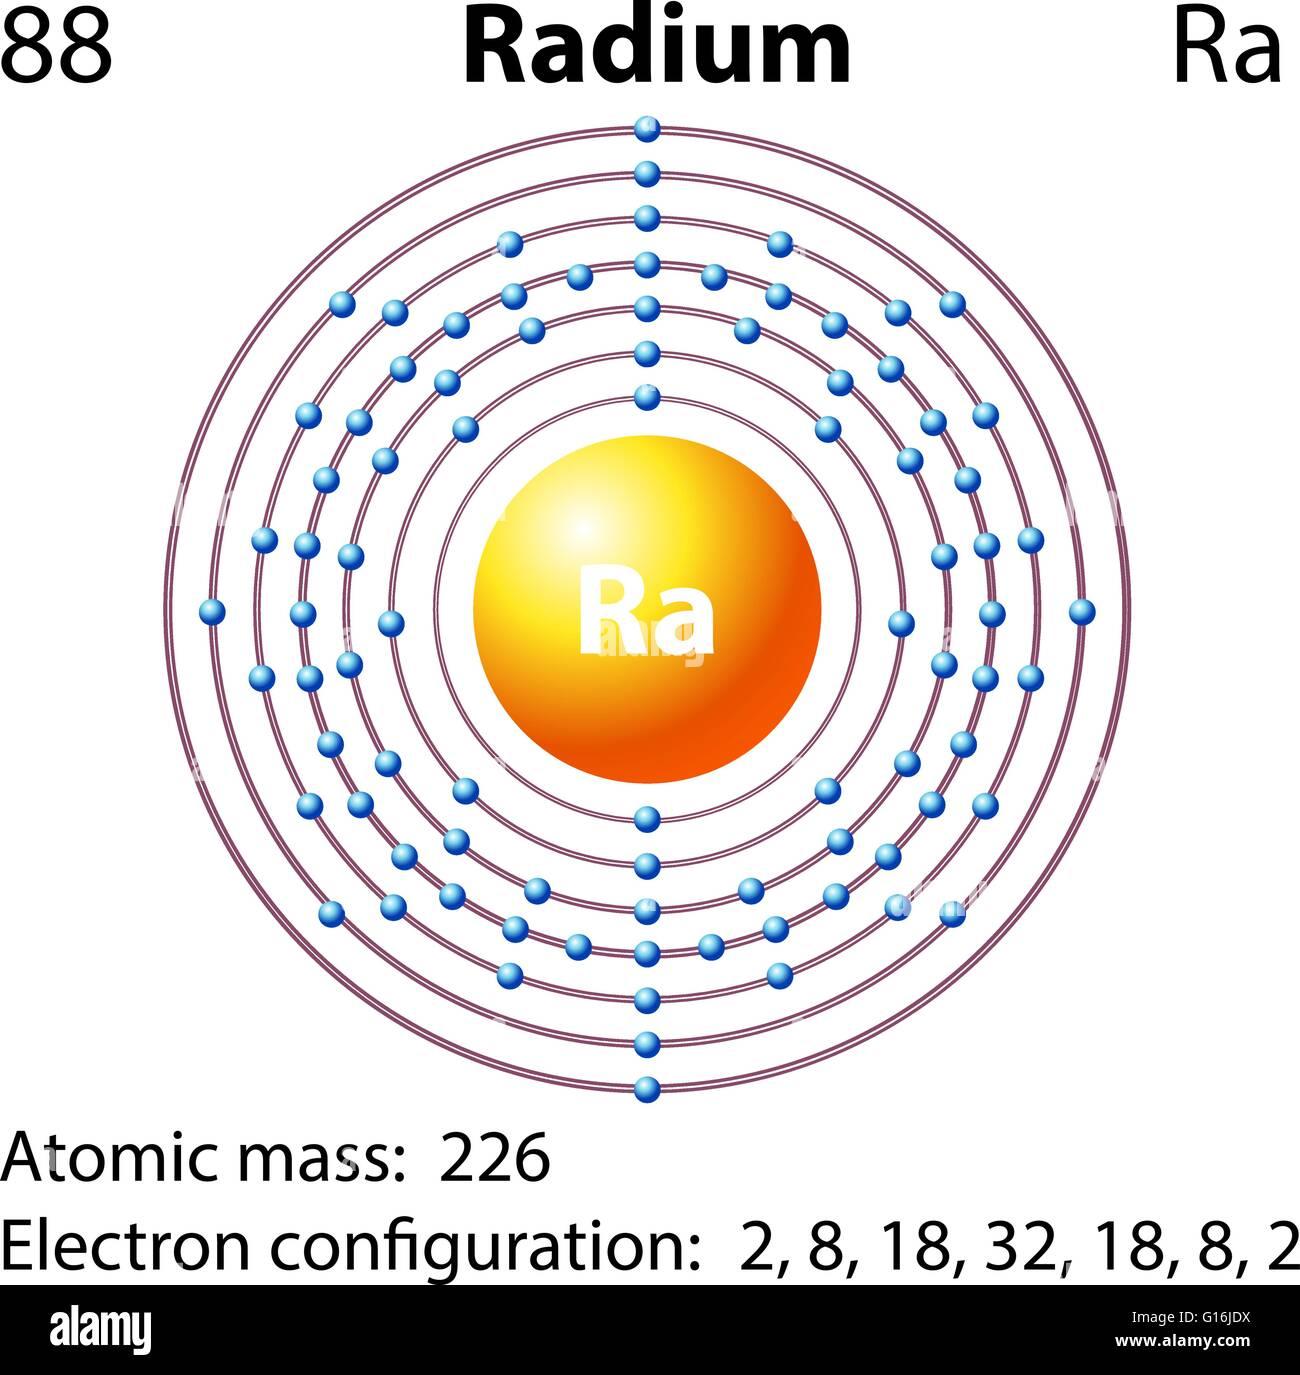 Diagram representation of the element radium illustration stock diagram representation of the element radium illustration pooptronica